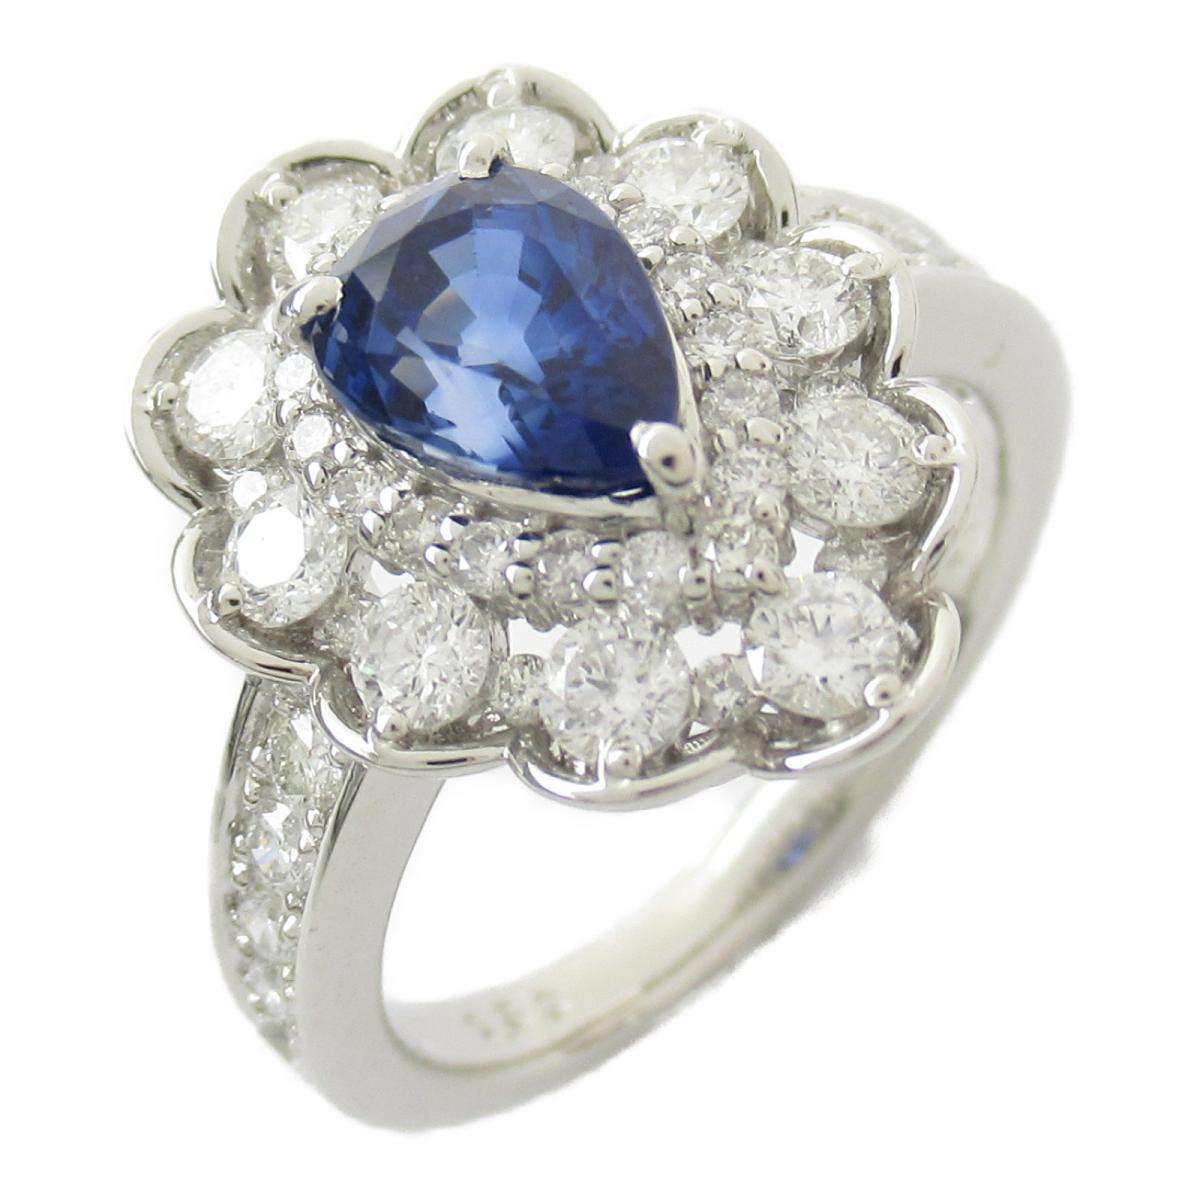 【中古】ジュエリー ブルーサファイア ダイヤモンド リング 指輪 ノーブランドジュエリー レディース PT900 プラチナ x サファイア1.59/ダイヤモンド1.09ct